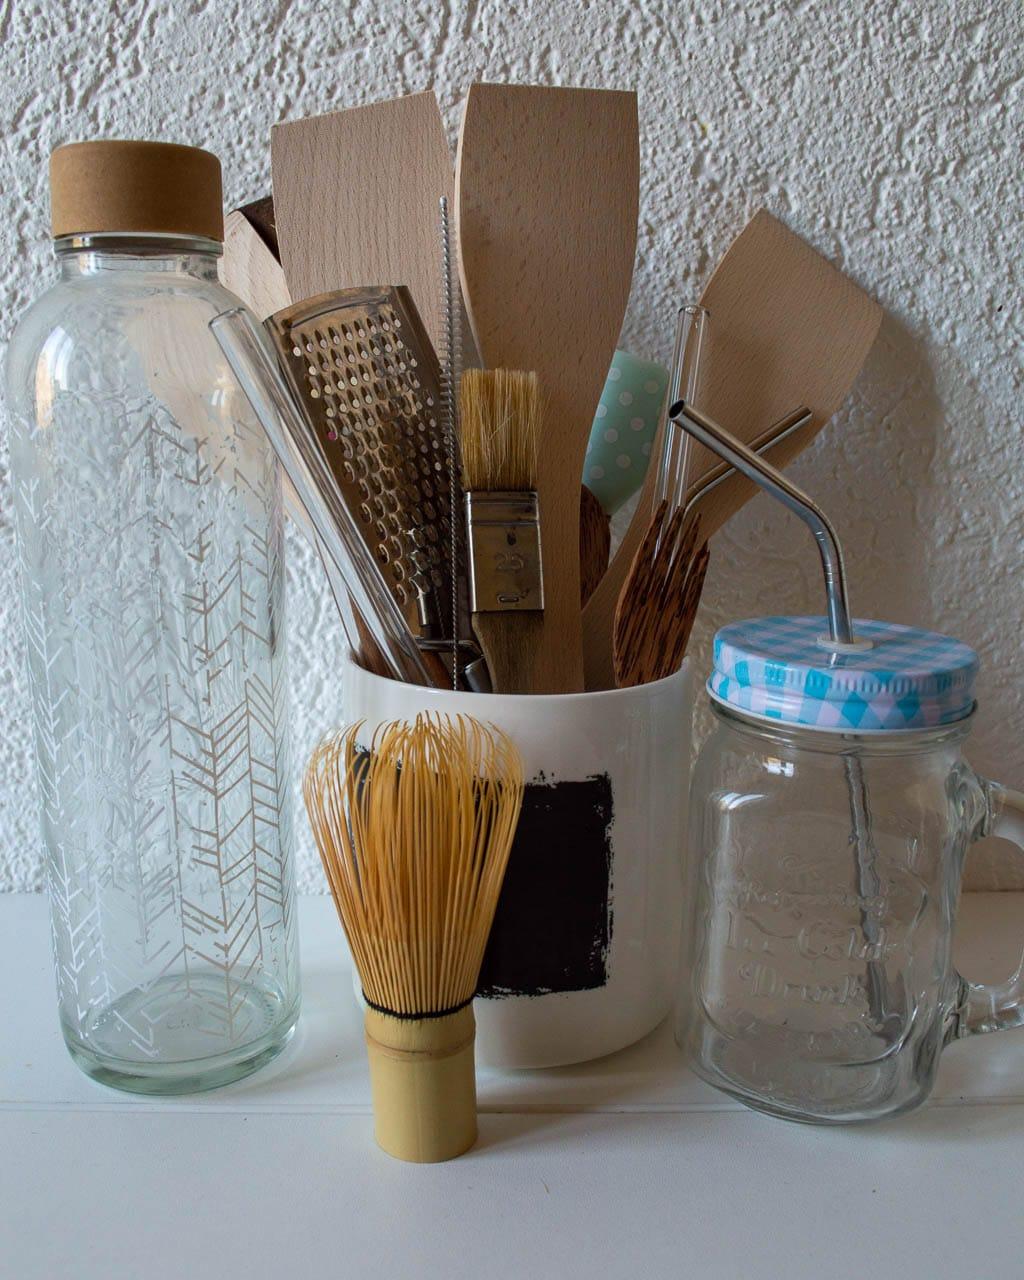 Online Kitchen Supplies: 20 Tipps For A Plastic Free Kitchen